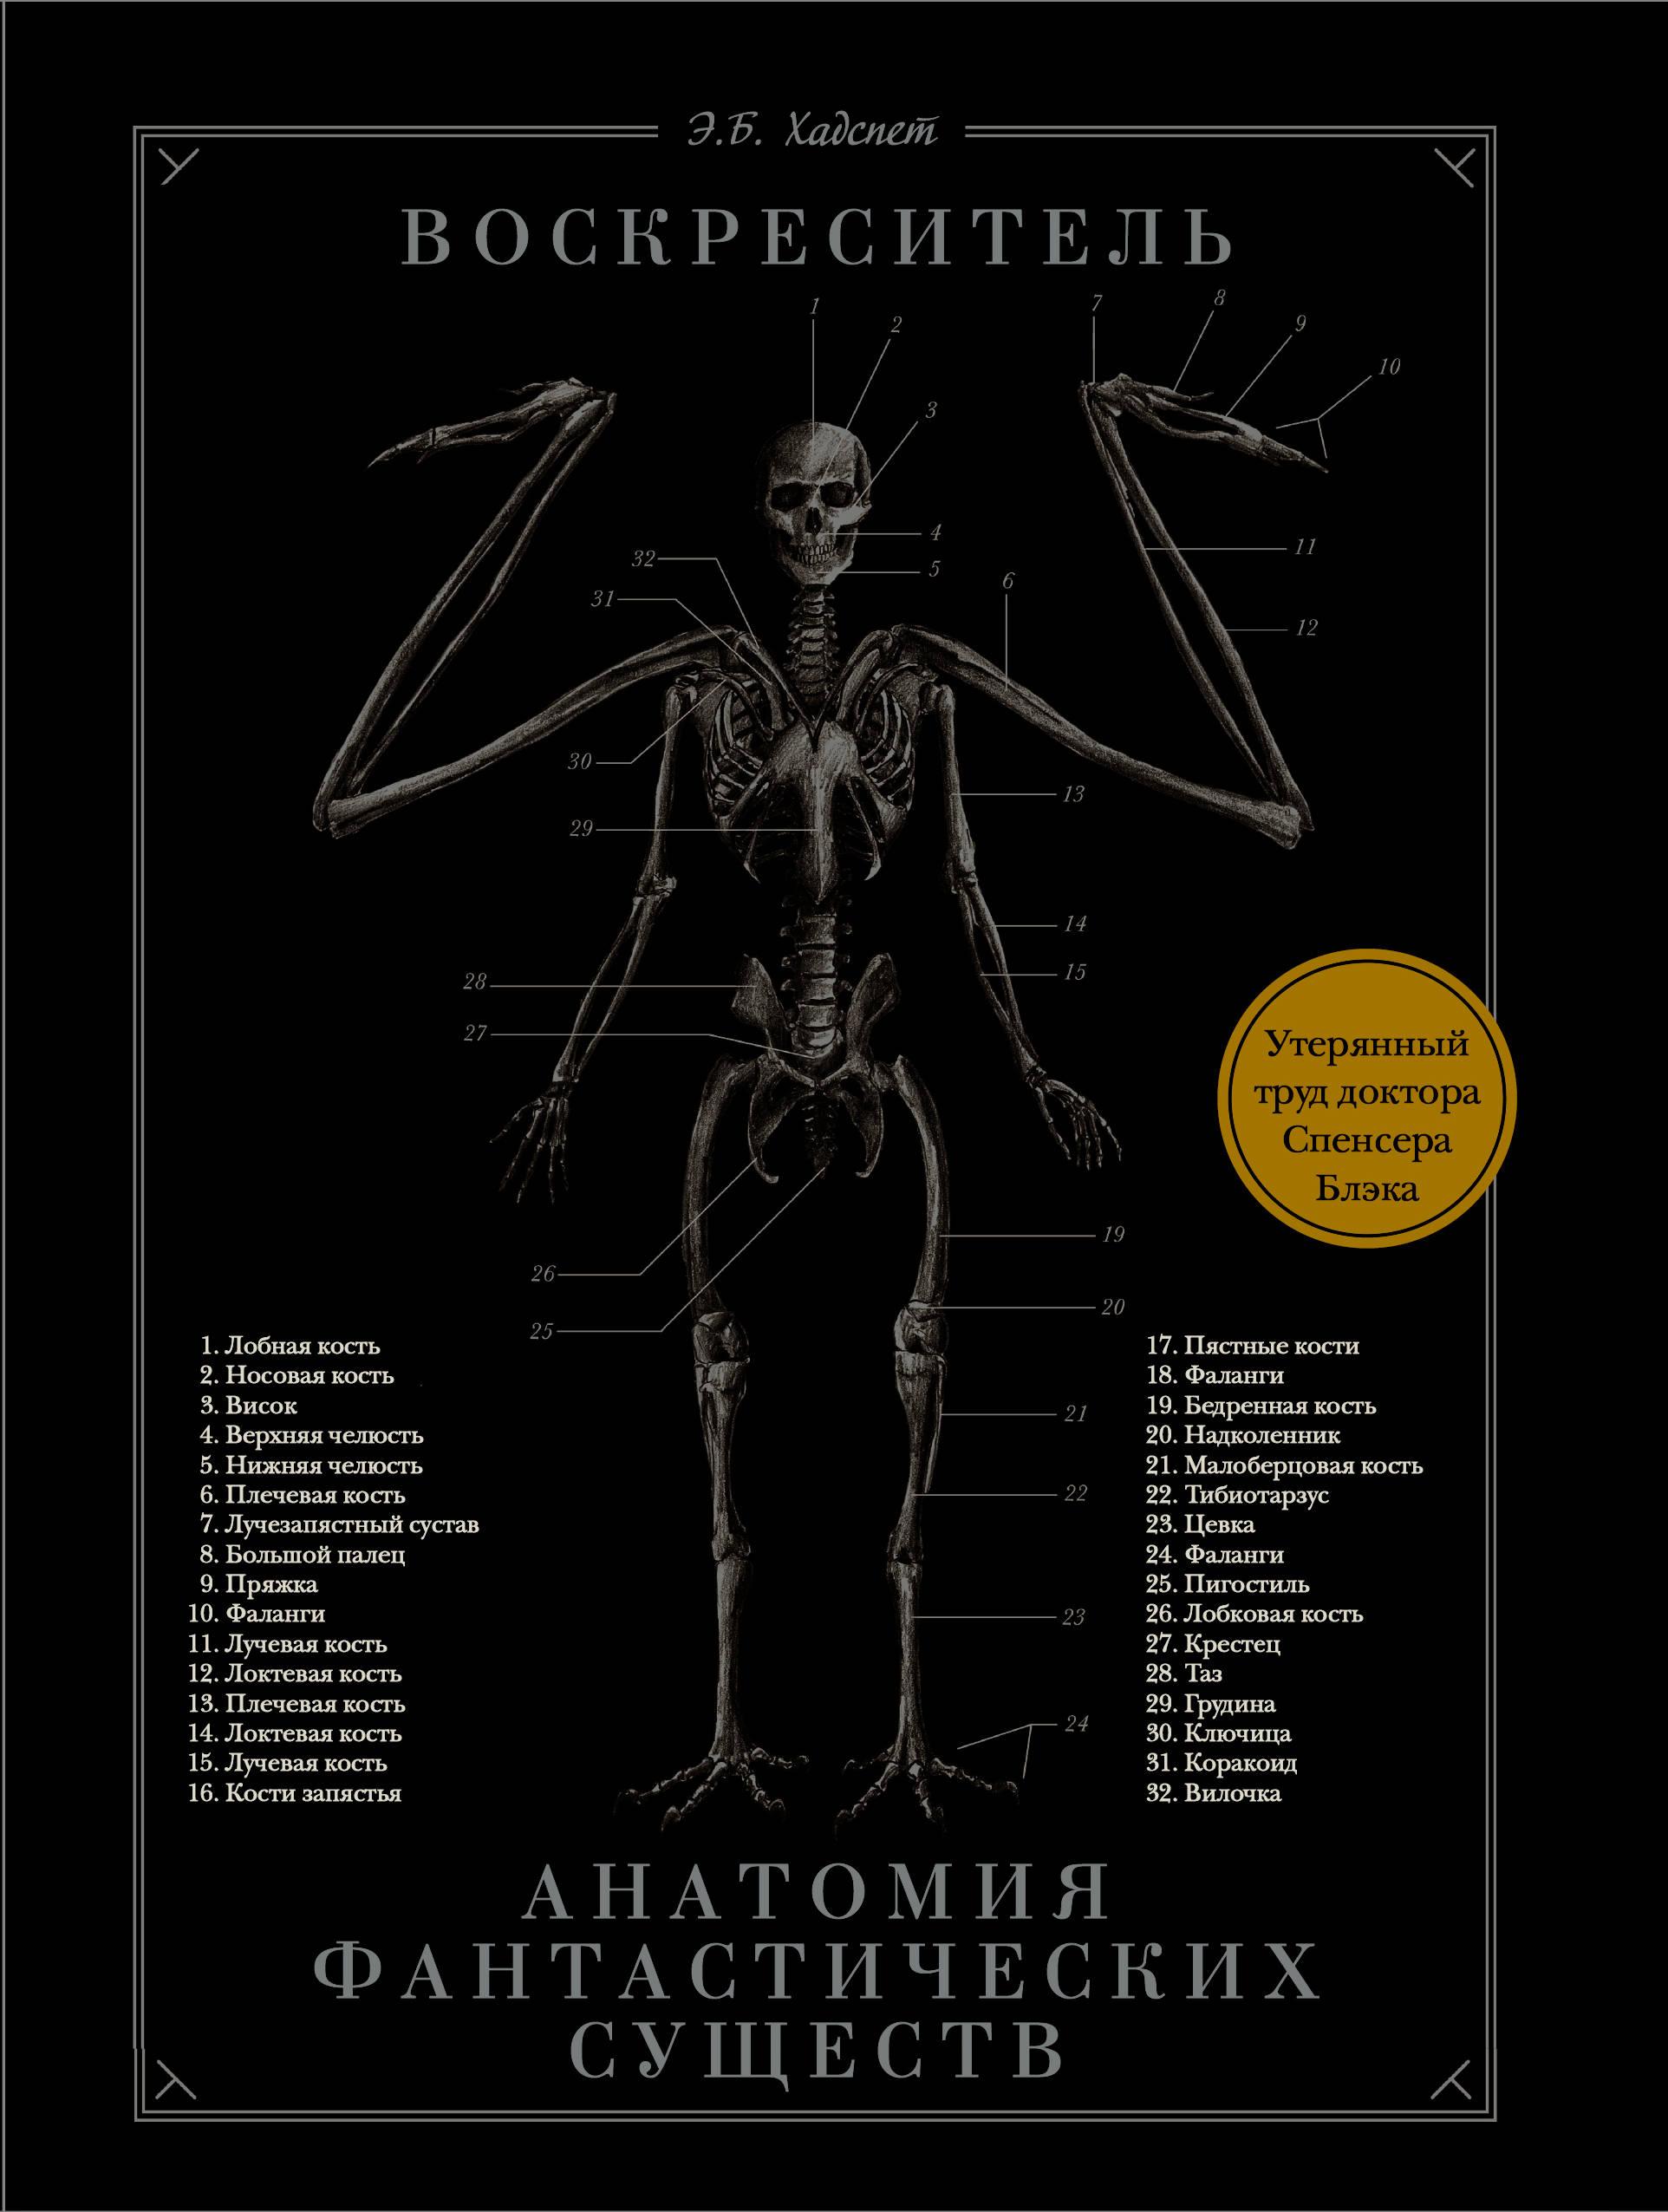 Хадспет Эрик Б. Воскреситель, или Анатомия фантастических существ: Утерянный труд доктора Спенсера Блэка цена